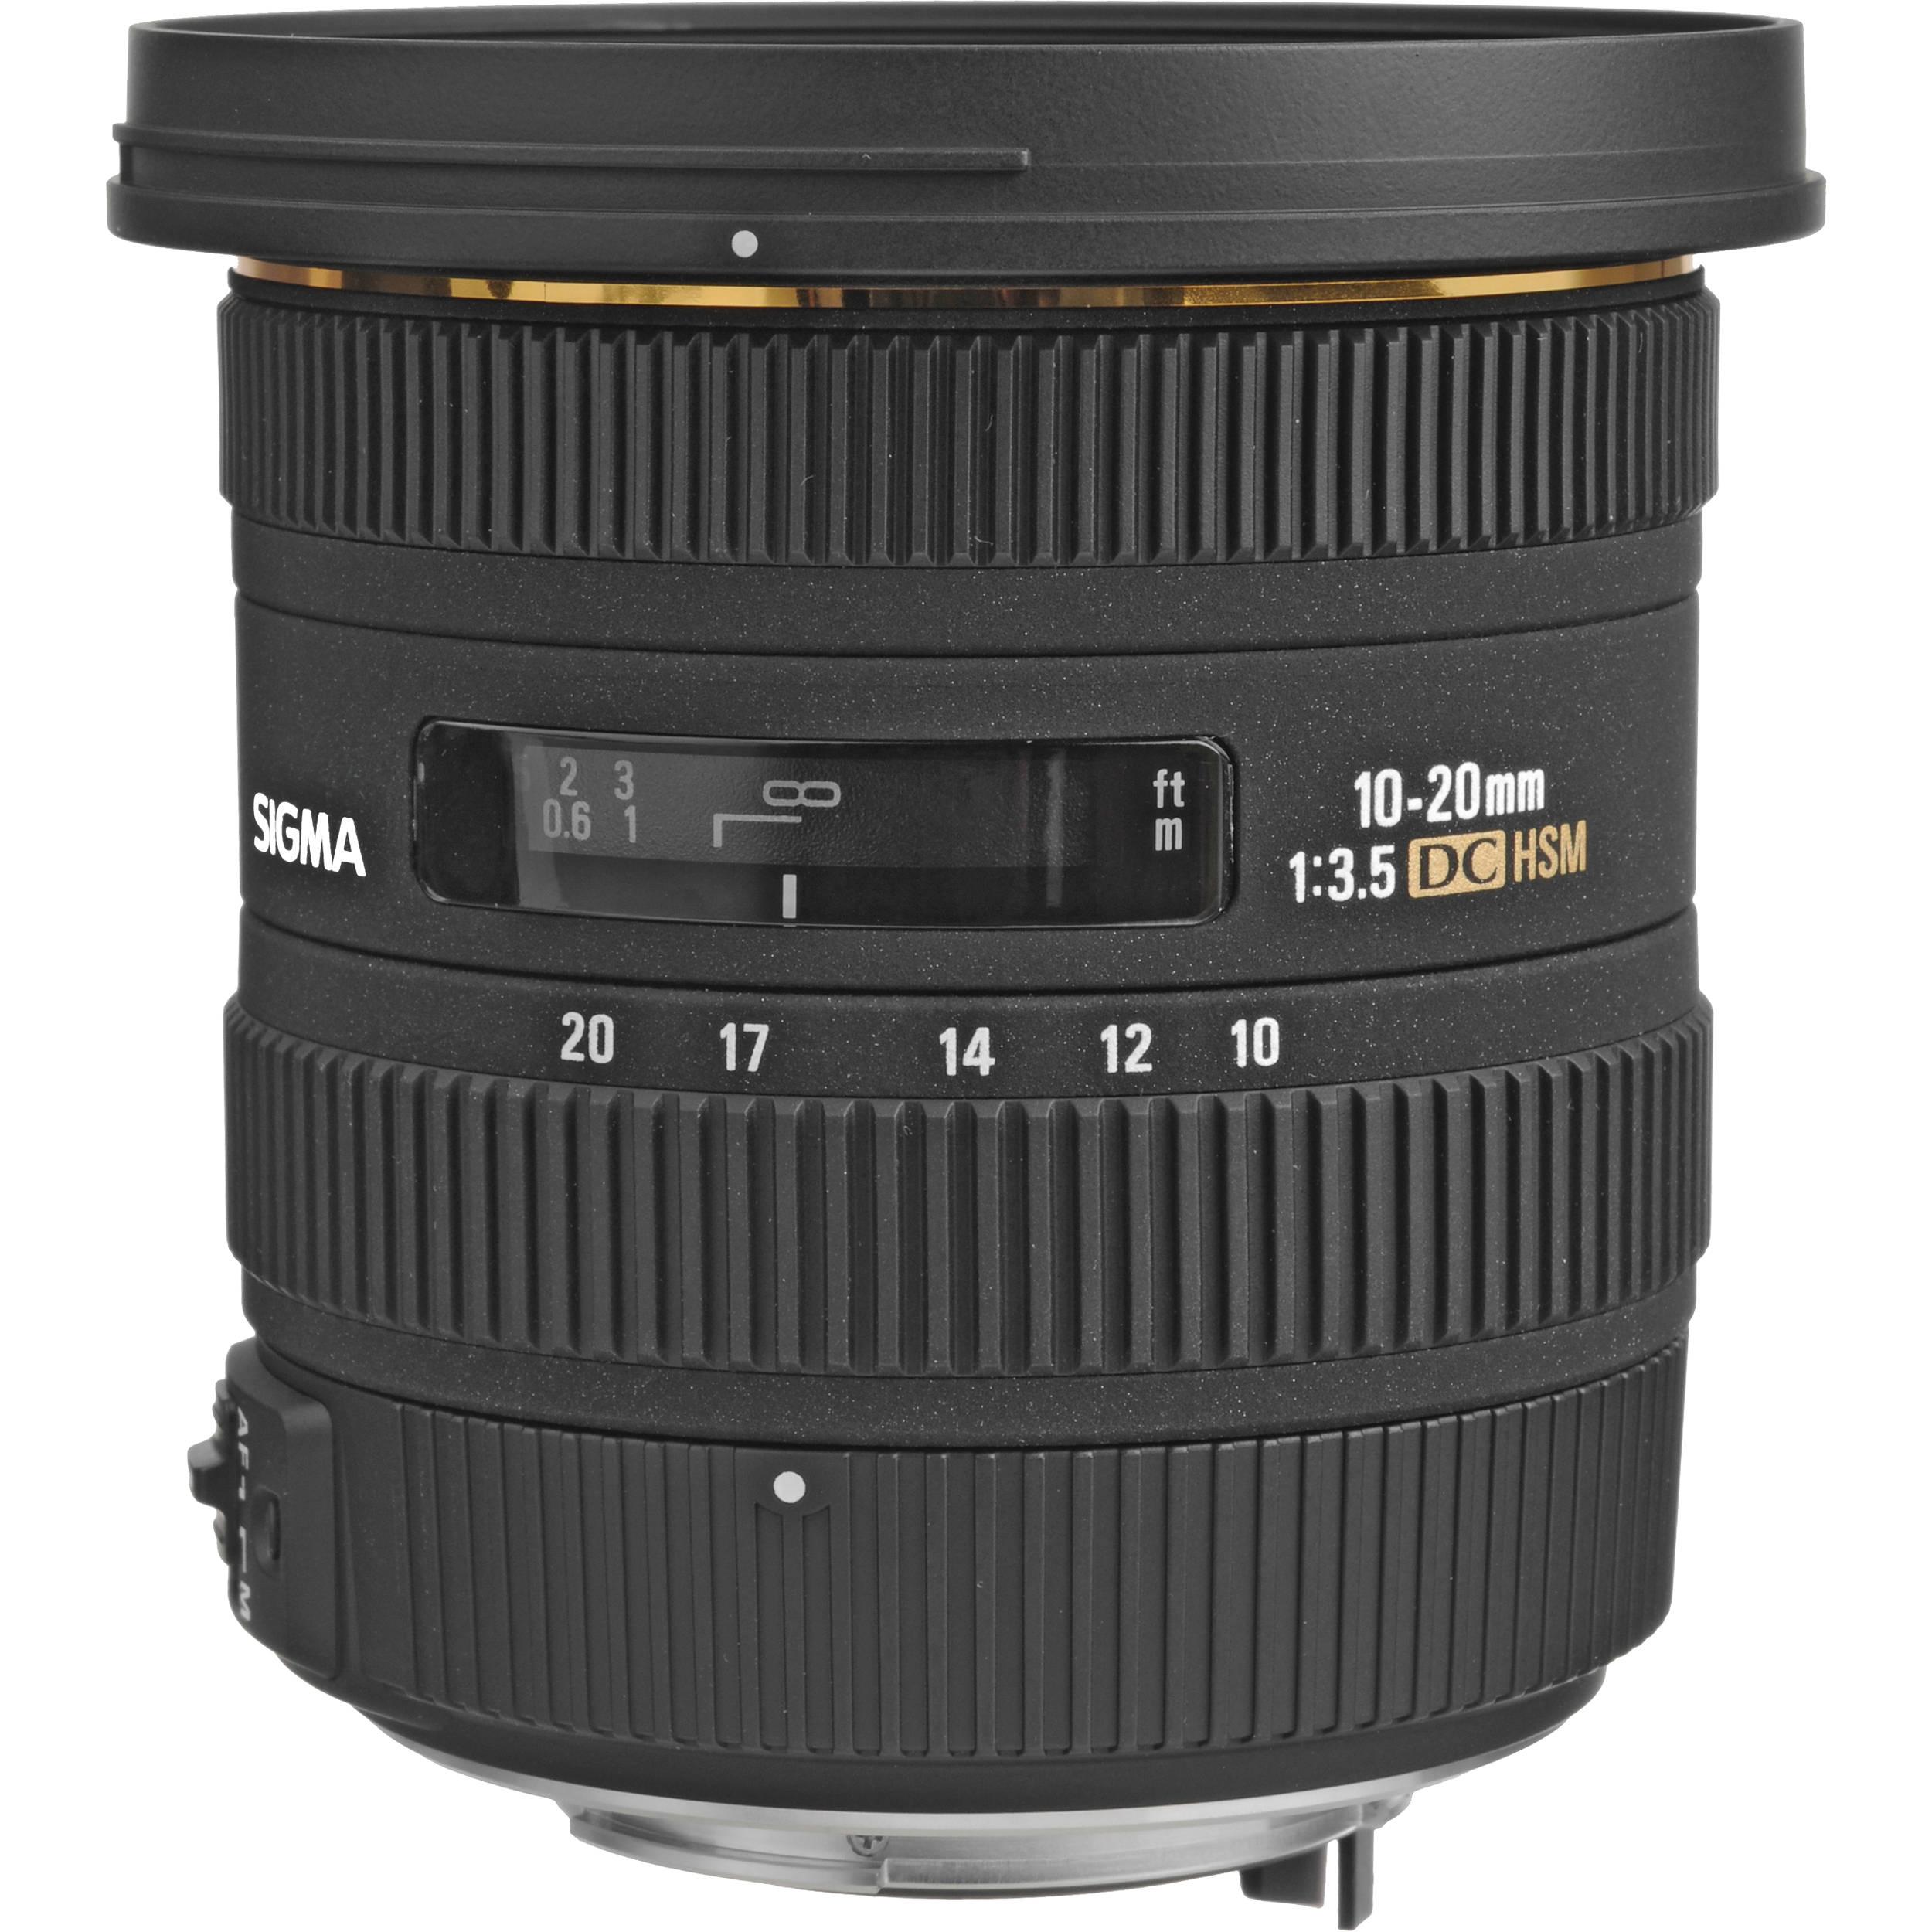 Sigma 10-20mm f/3.5 EX DC HSM Autofocus Zoom Lens 202109 B&H